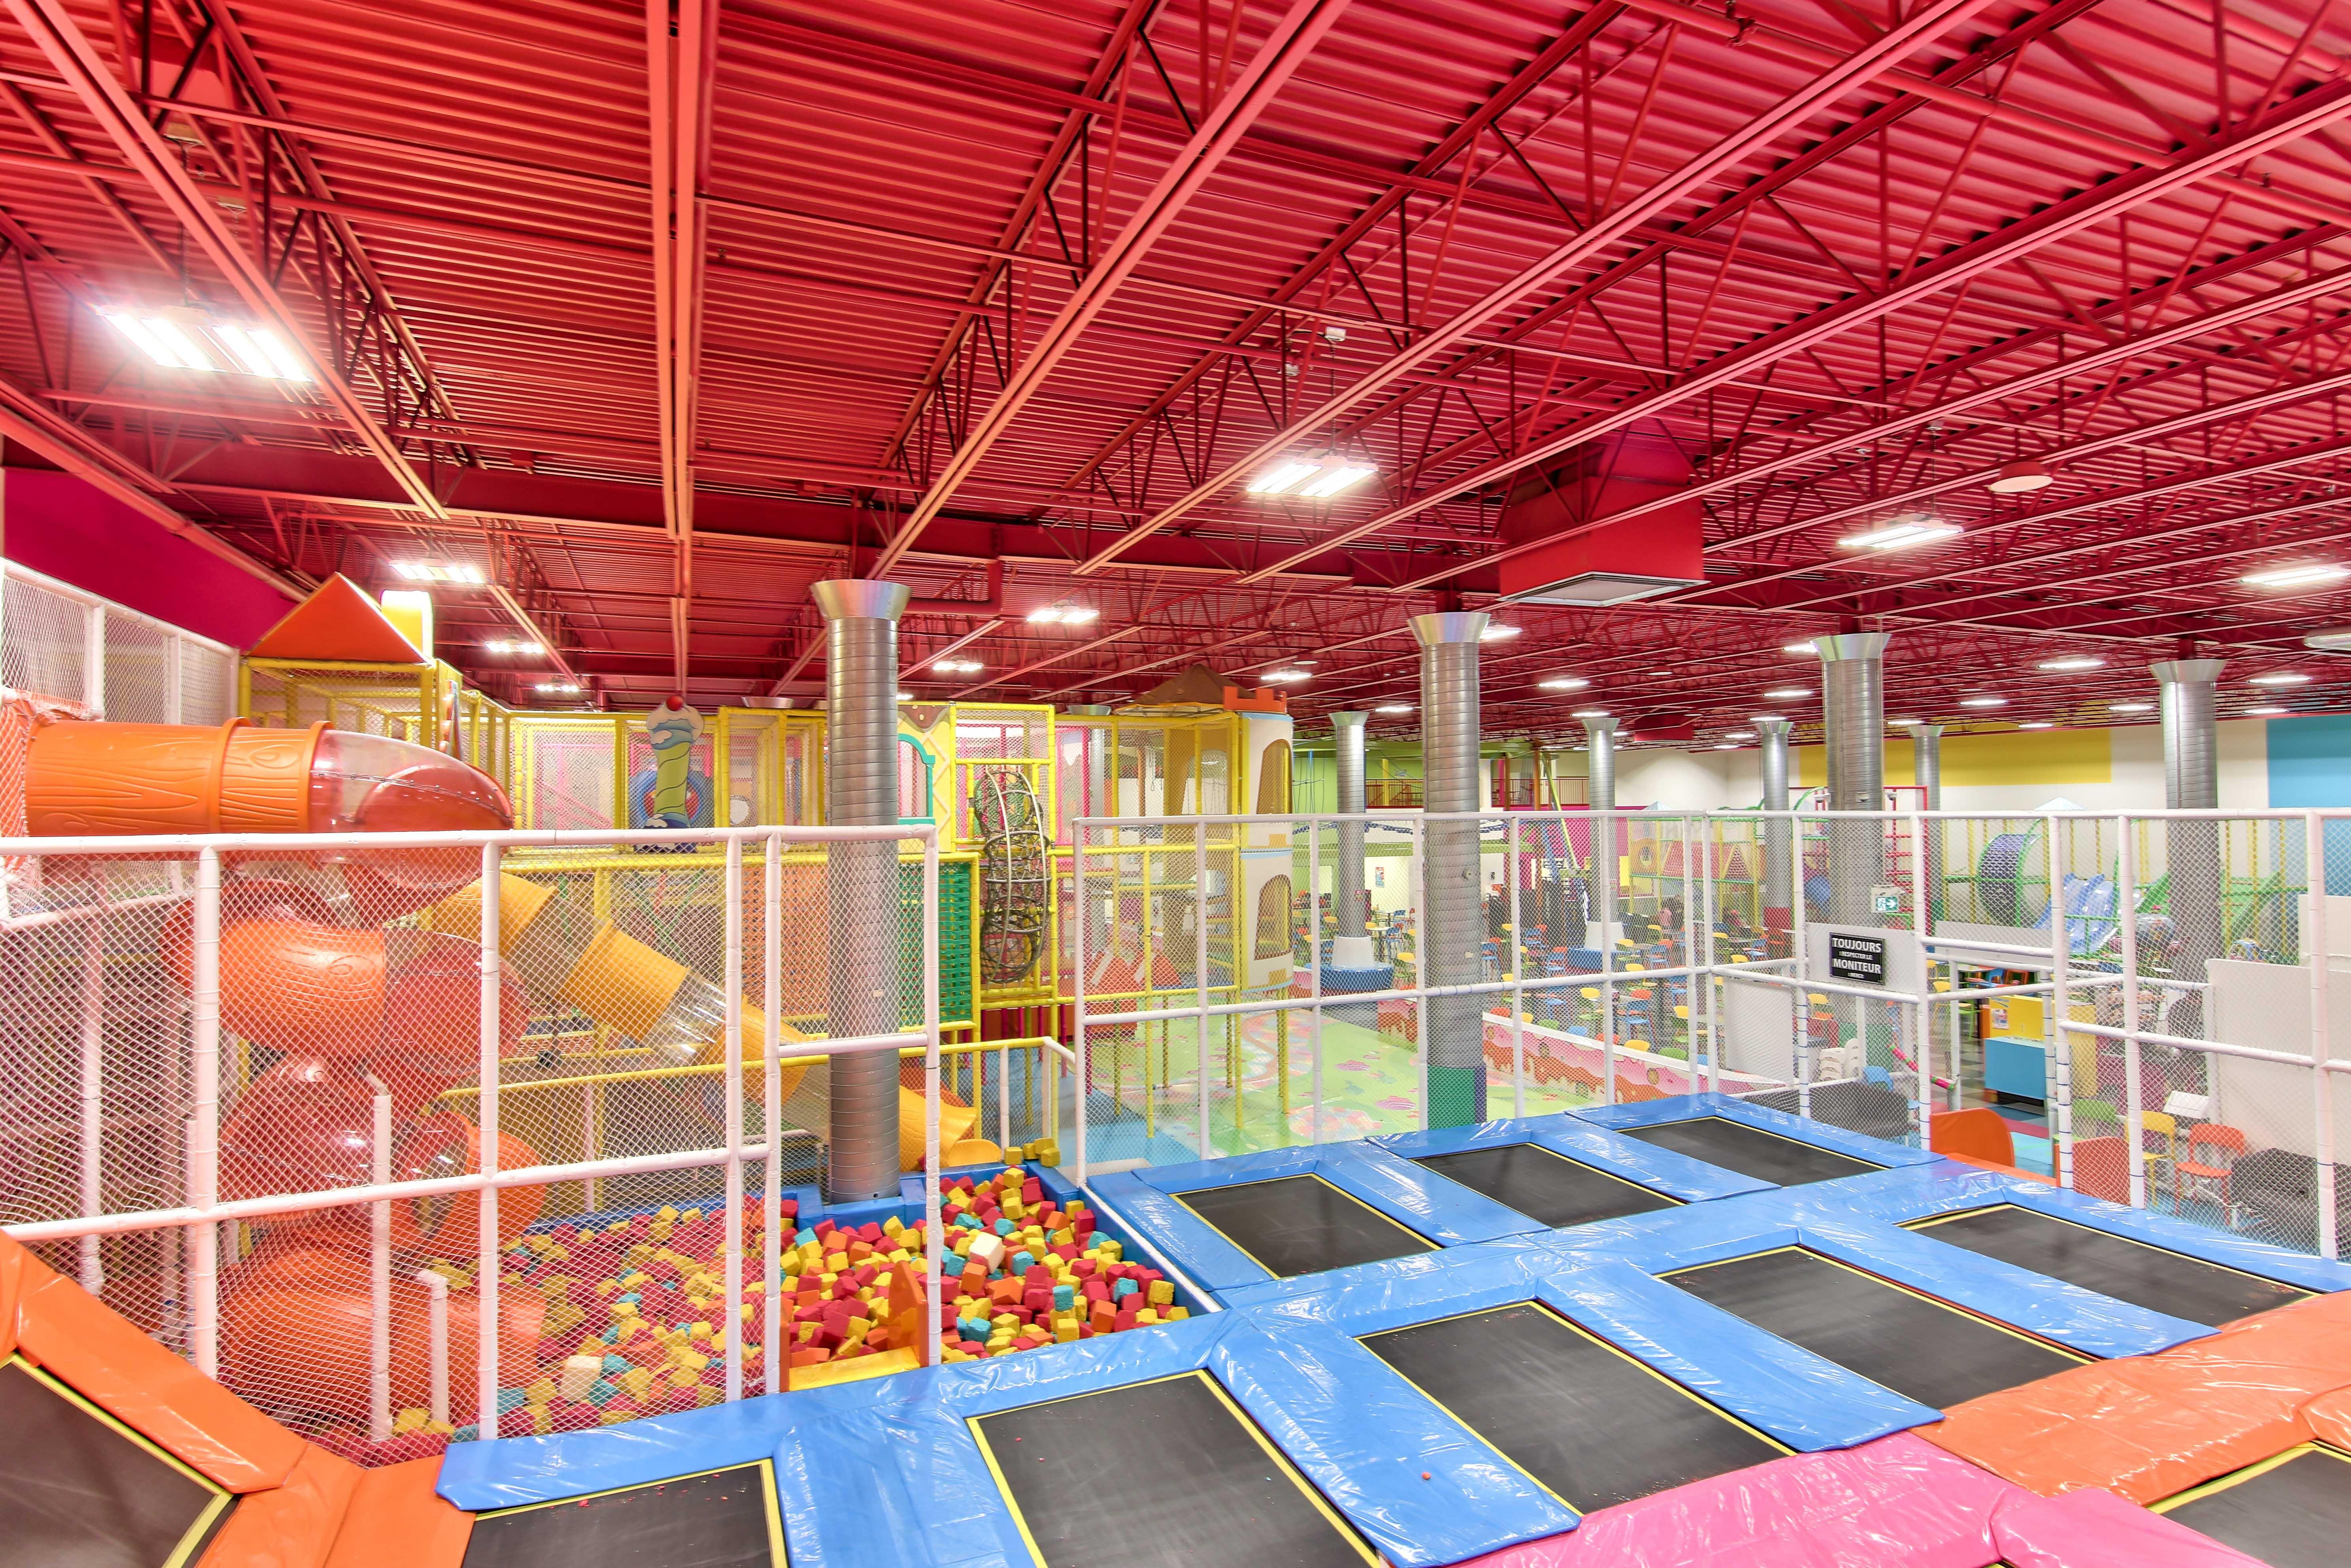 Trampolines intérieur, centre d'activité intérieur, Trampolines Blainville, dépense d'énergie, activité enfant, centre amusement